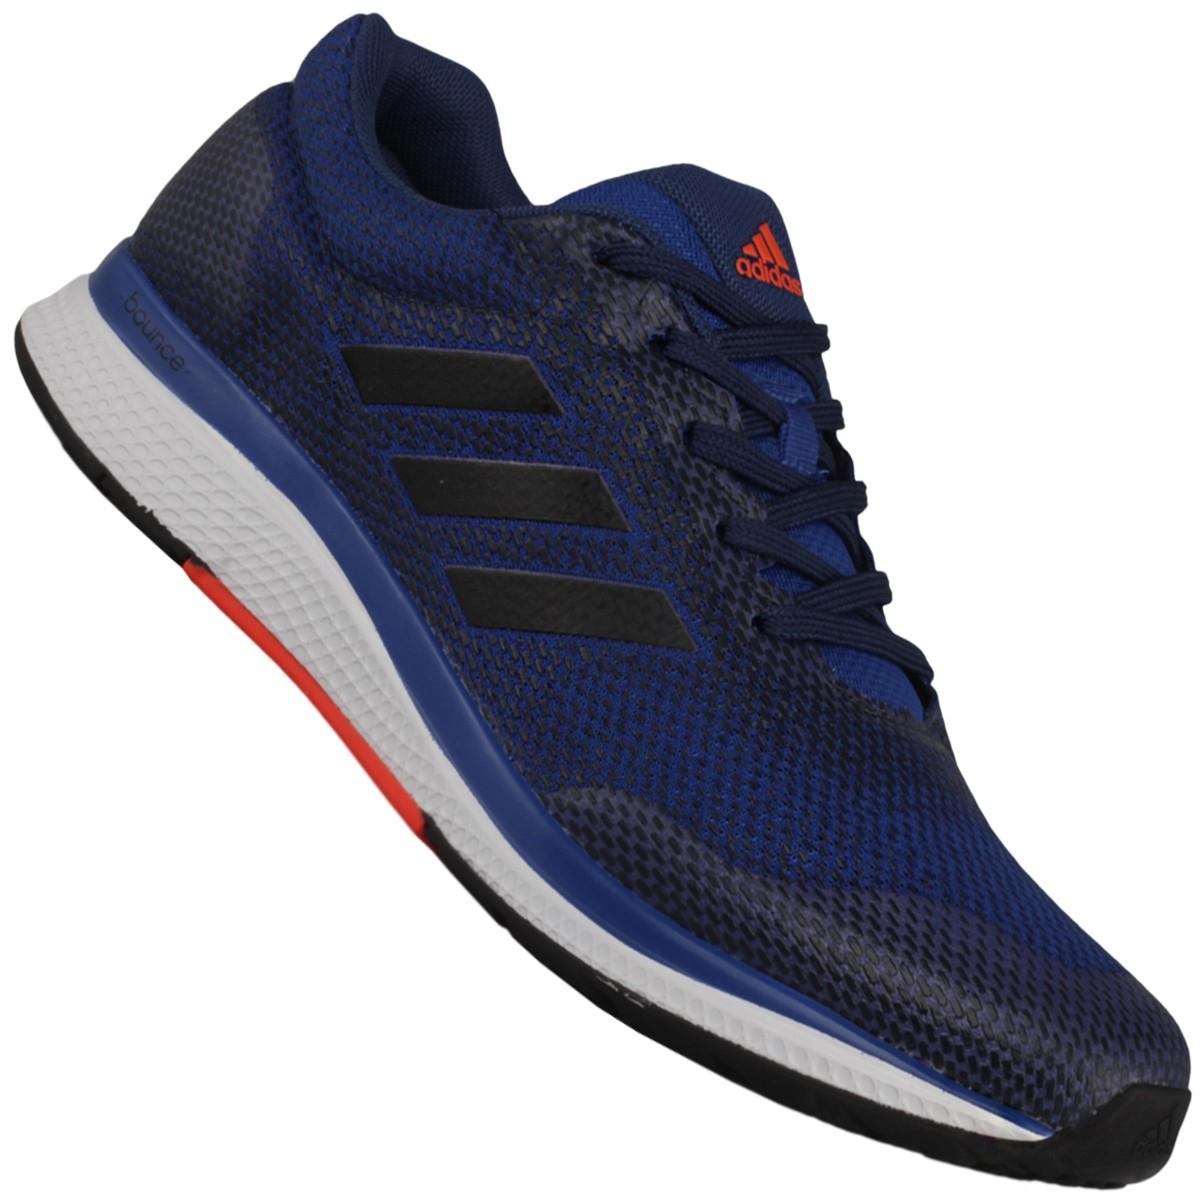 cf3947eb6b8 Tênis Adidas Mana Bounce 2 Aramis